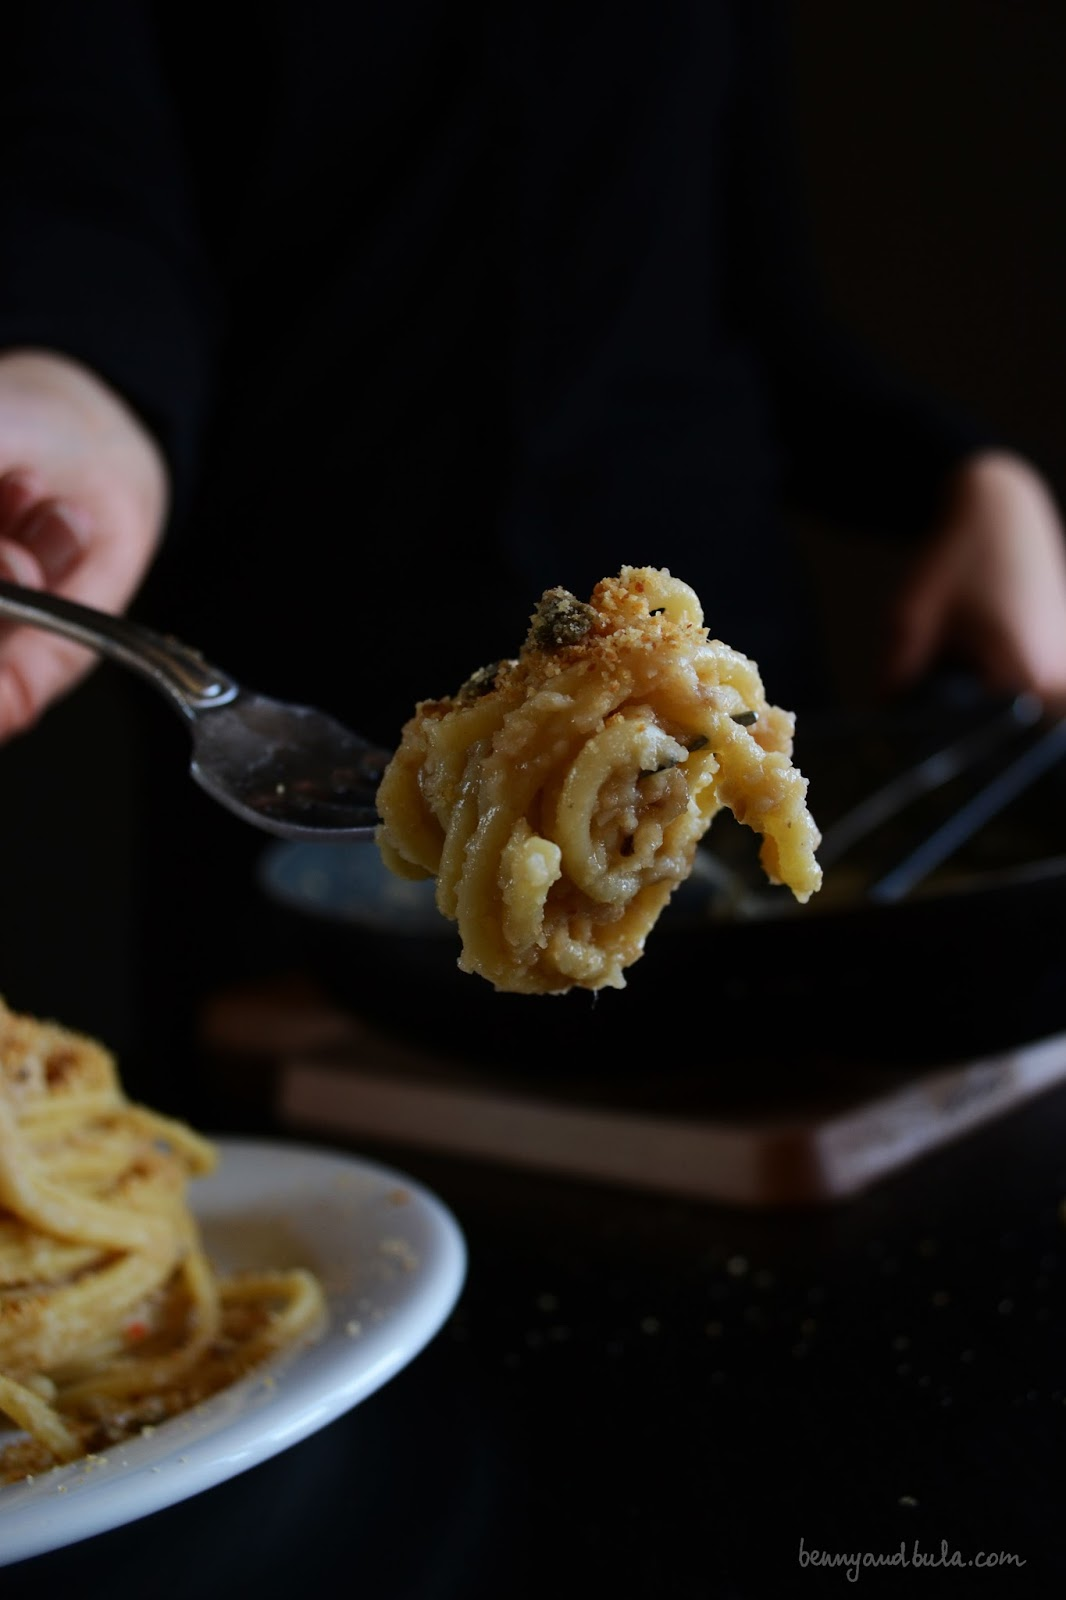 ricetta spaghetti con pangrattato e acciughe/ bread crumbs and anchovies pasta recipe